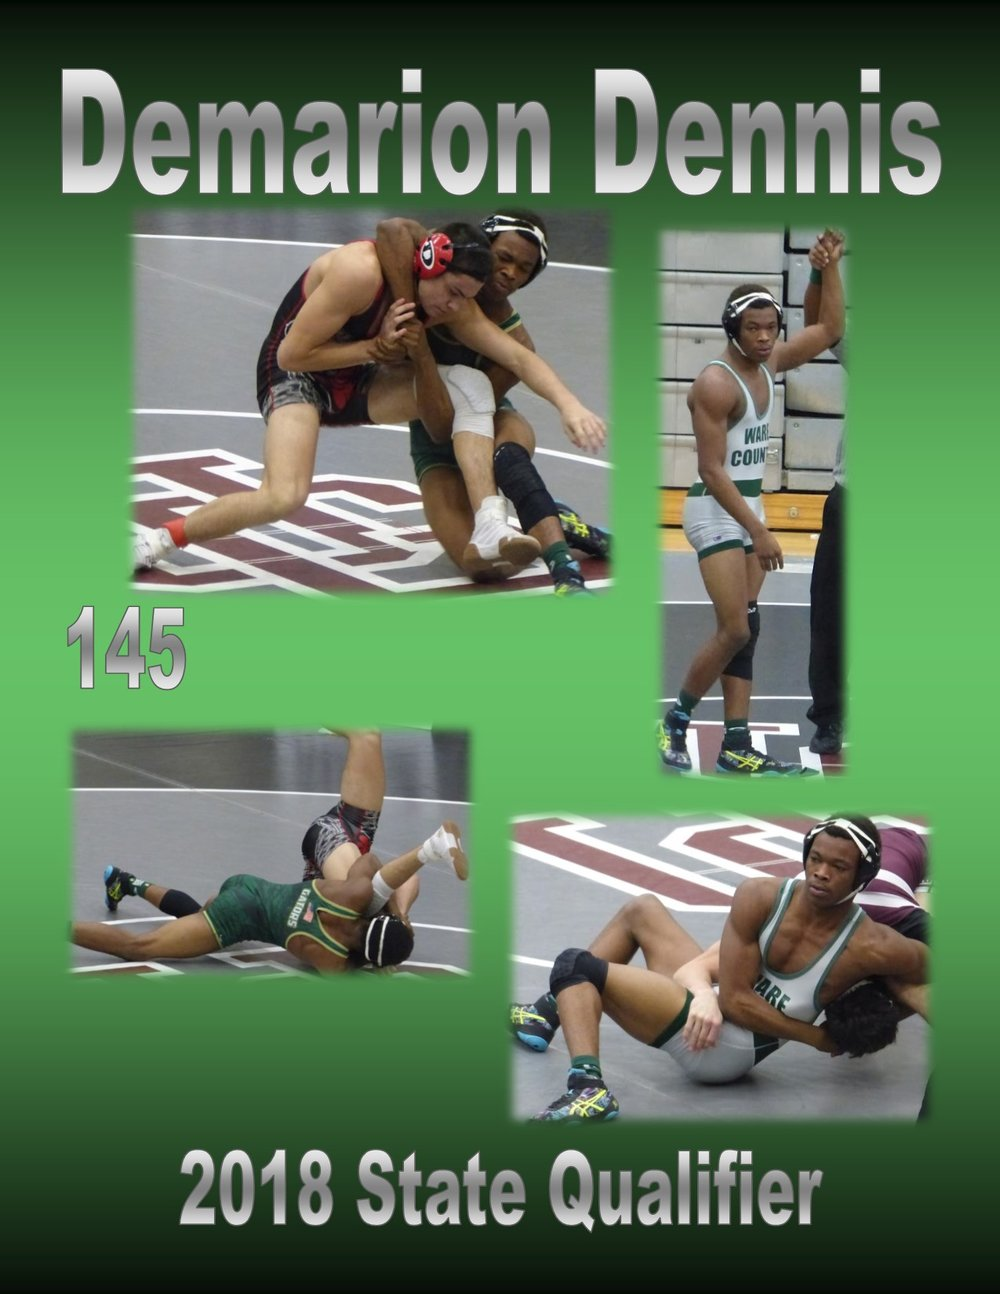 Dennis_State_Qualifier.jpg